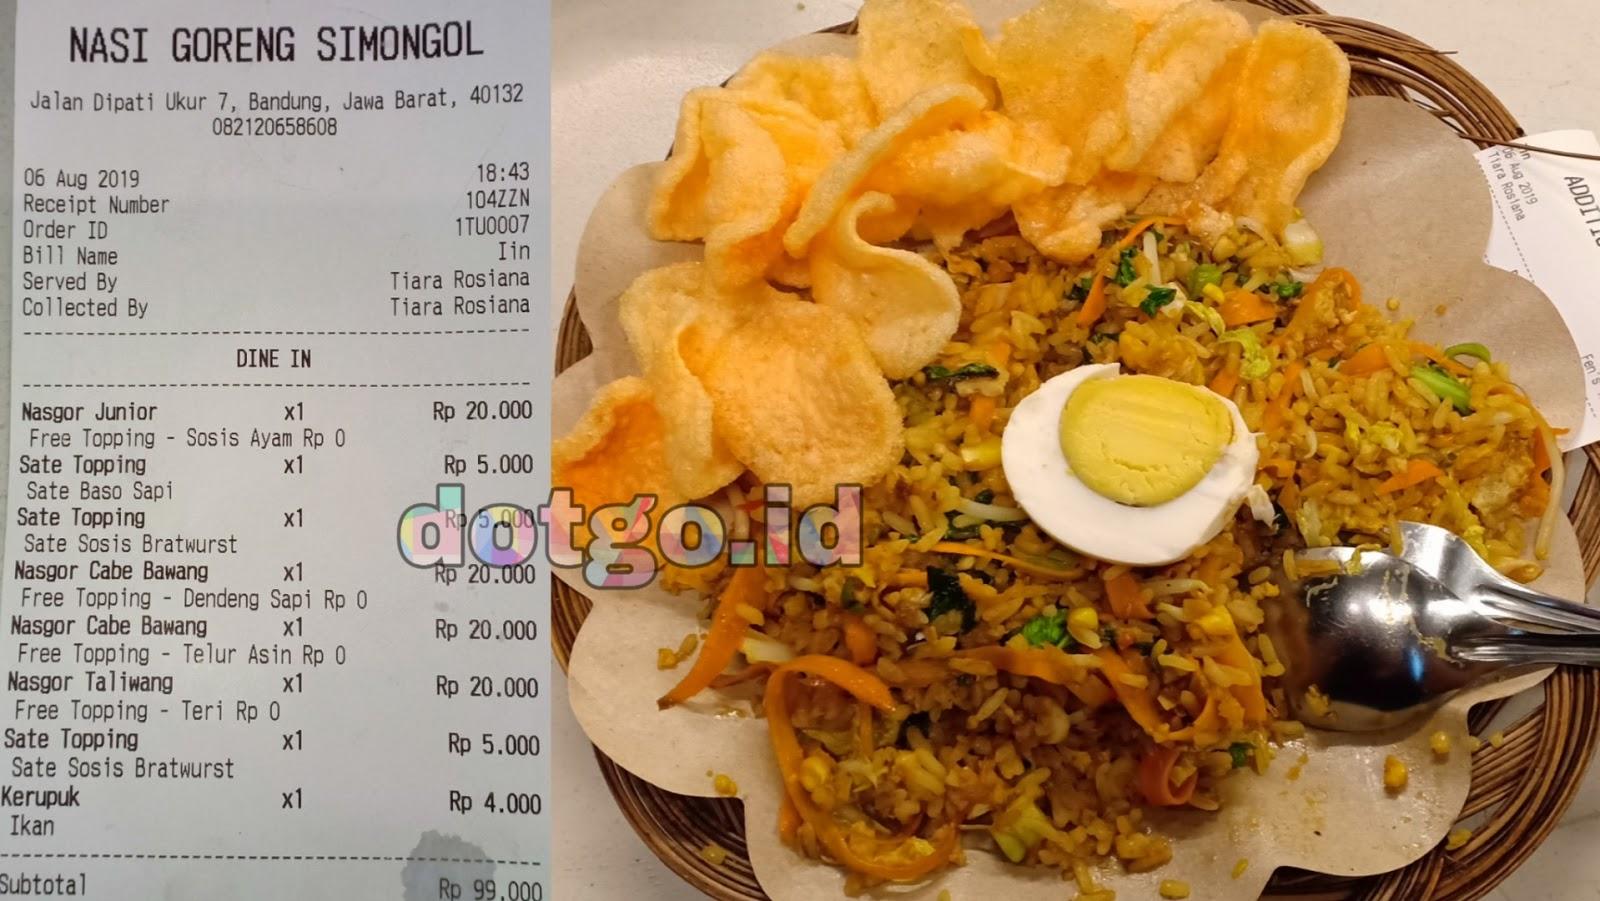 Nasi Goreng Mongol Makan Sepuasnya Cuma Bayar 20 Ribu